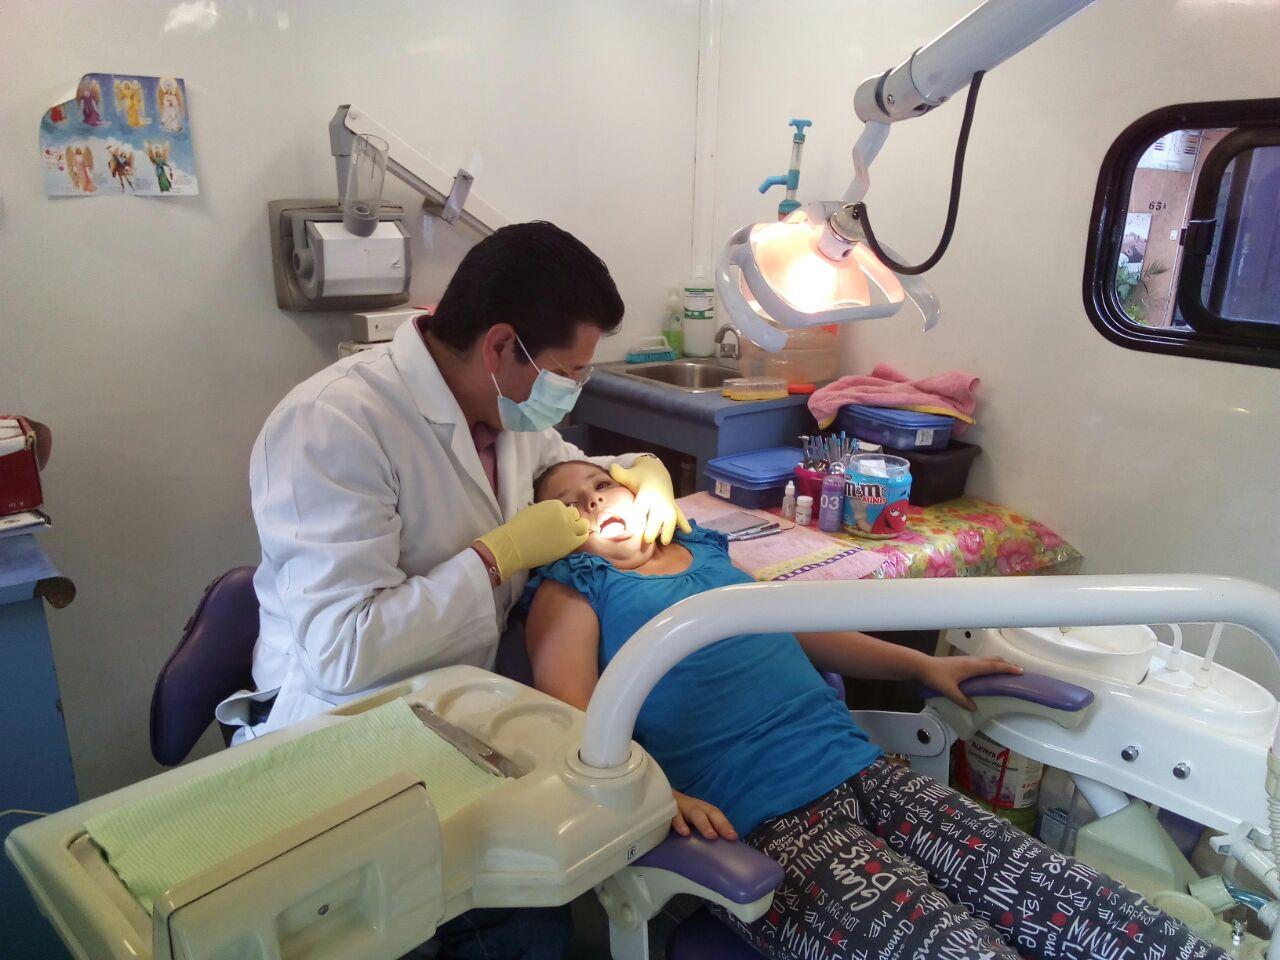 Cepille los dientes y las encías del niño por lo menos dos veces al día y en especial antes de ir a dormir